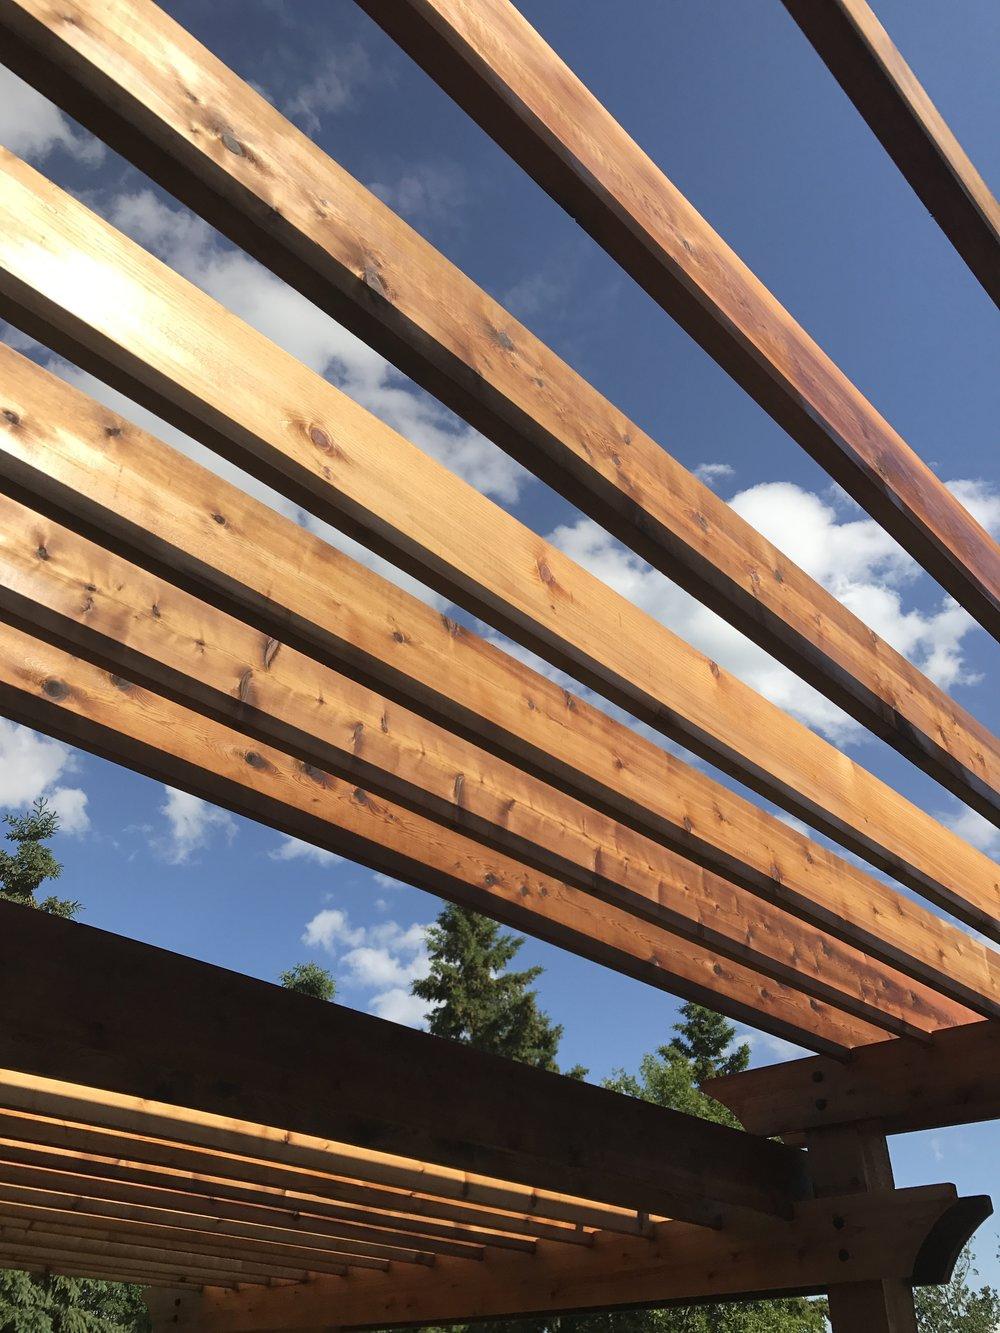 Linseed Oil on Cedar